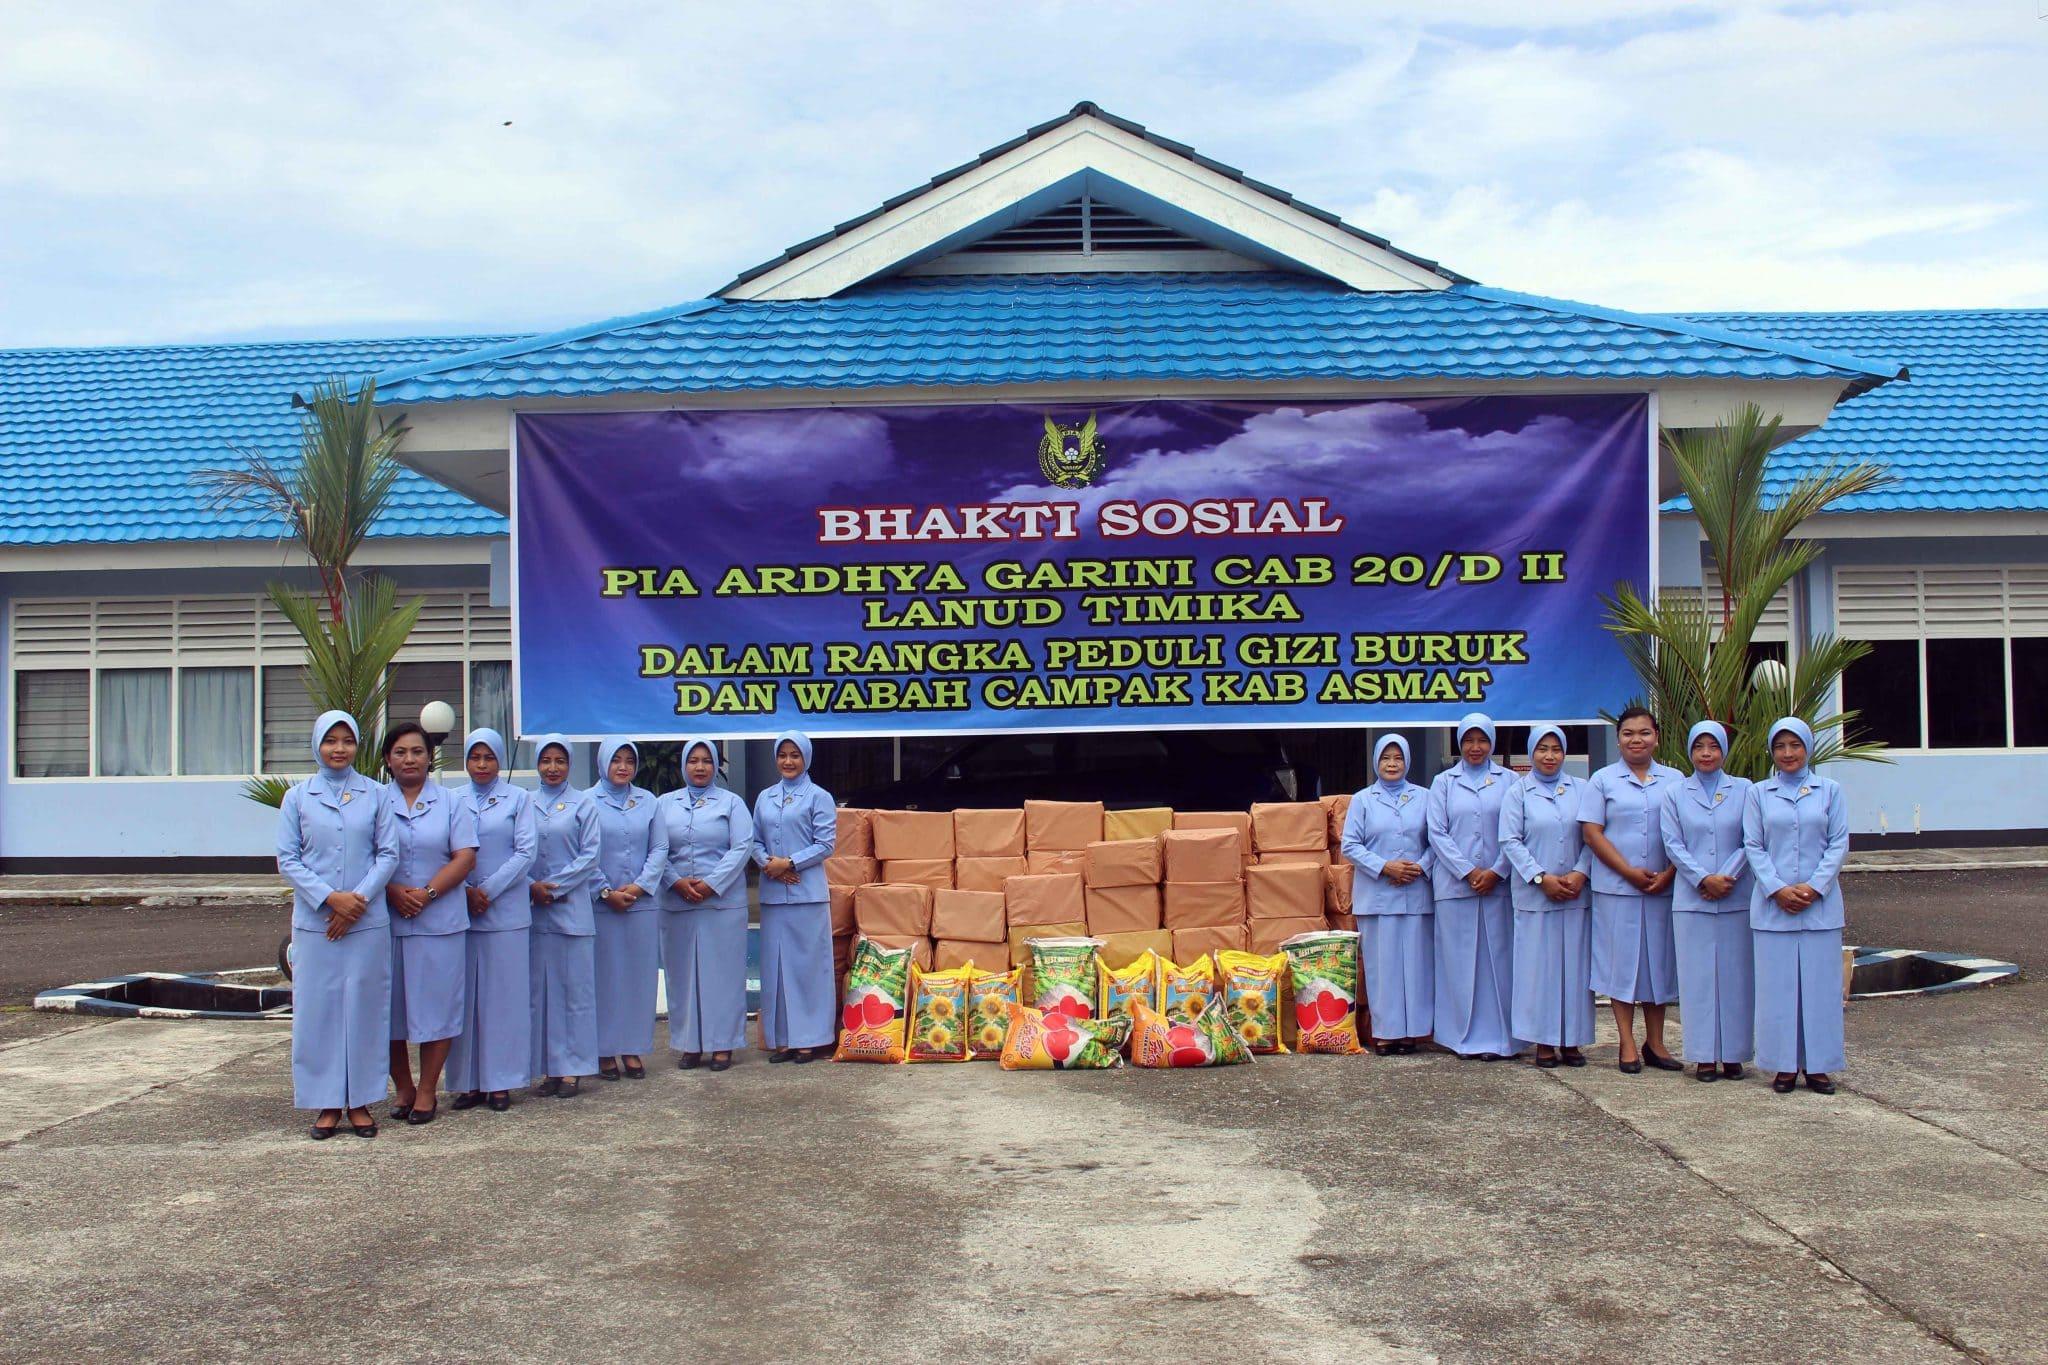 Lanud Timika Peduli Gizi Buruk Di Kabupaten Asmat